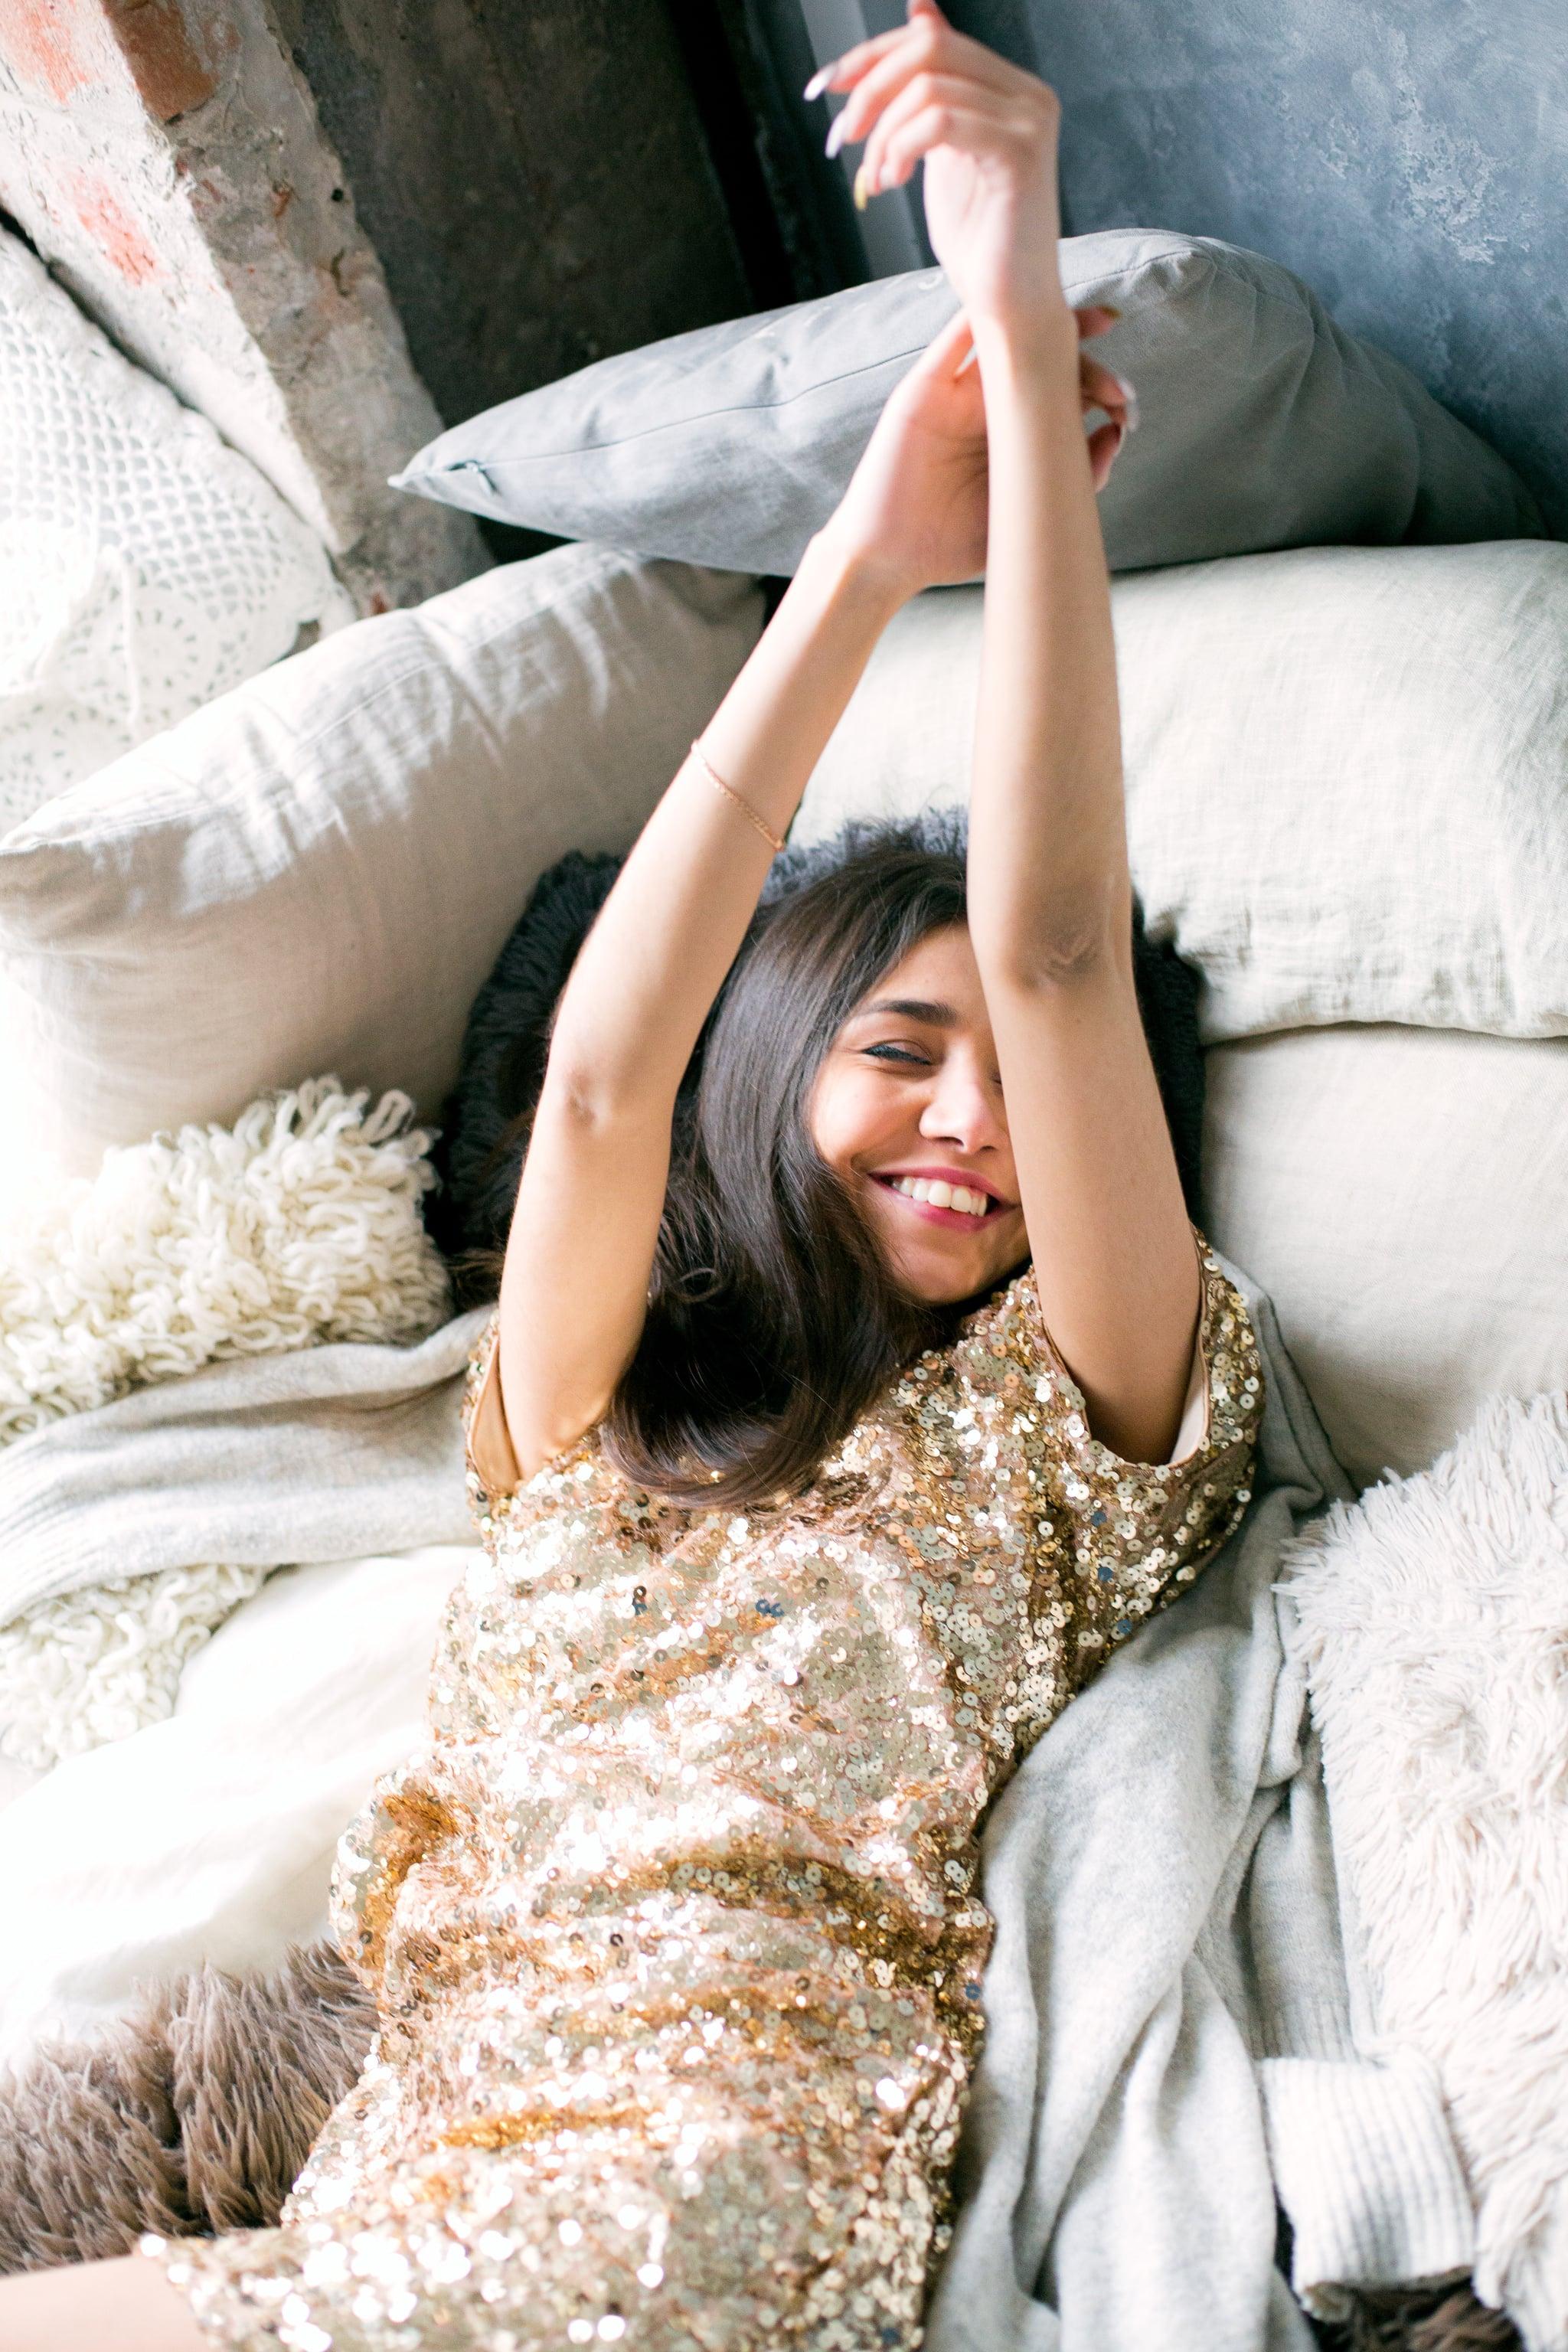 tmp_SJVyPO_d8b75b9393cd7134_adult-beautiful-bed-698864.jpg